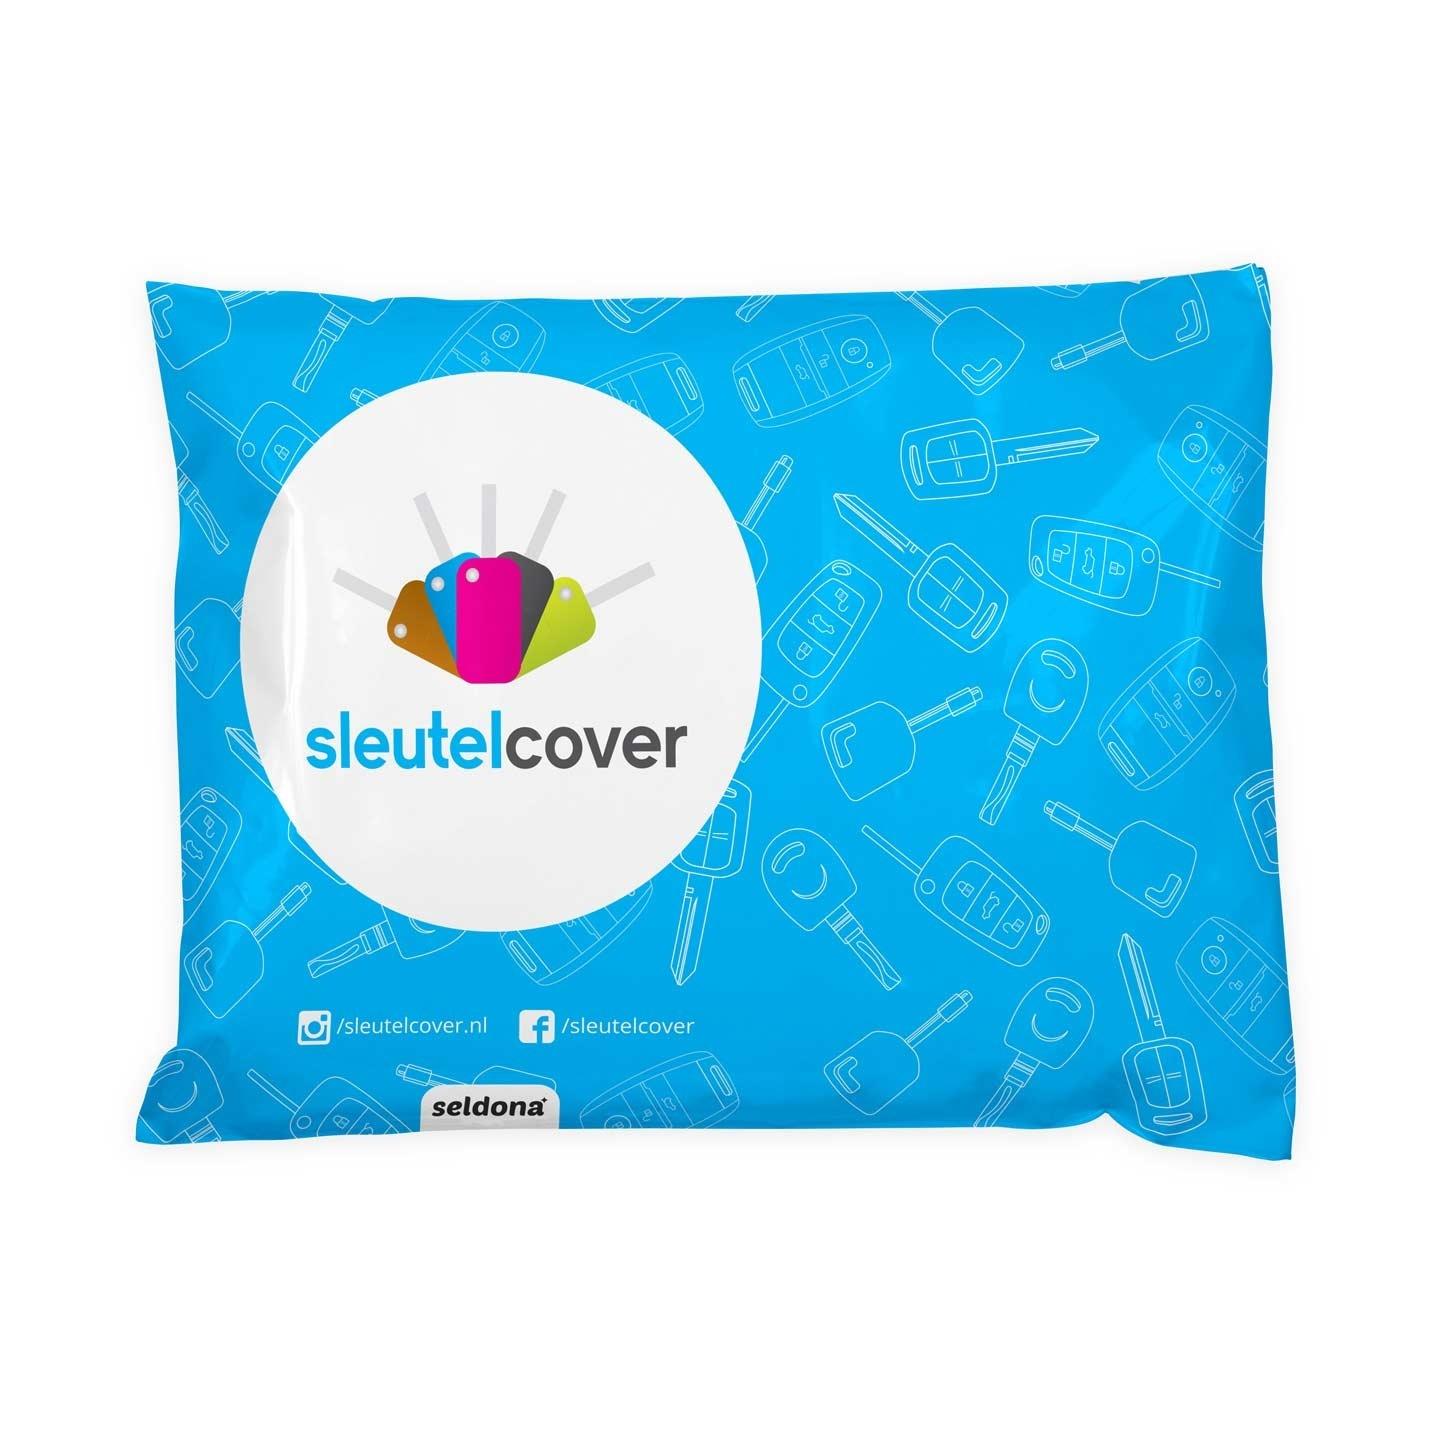 SleutelCover - Lime groen / Silicone sleutelhoesje / beschermhoesje autosleutel